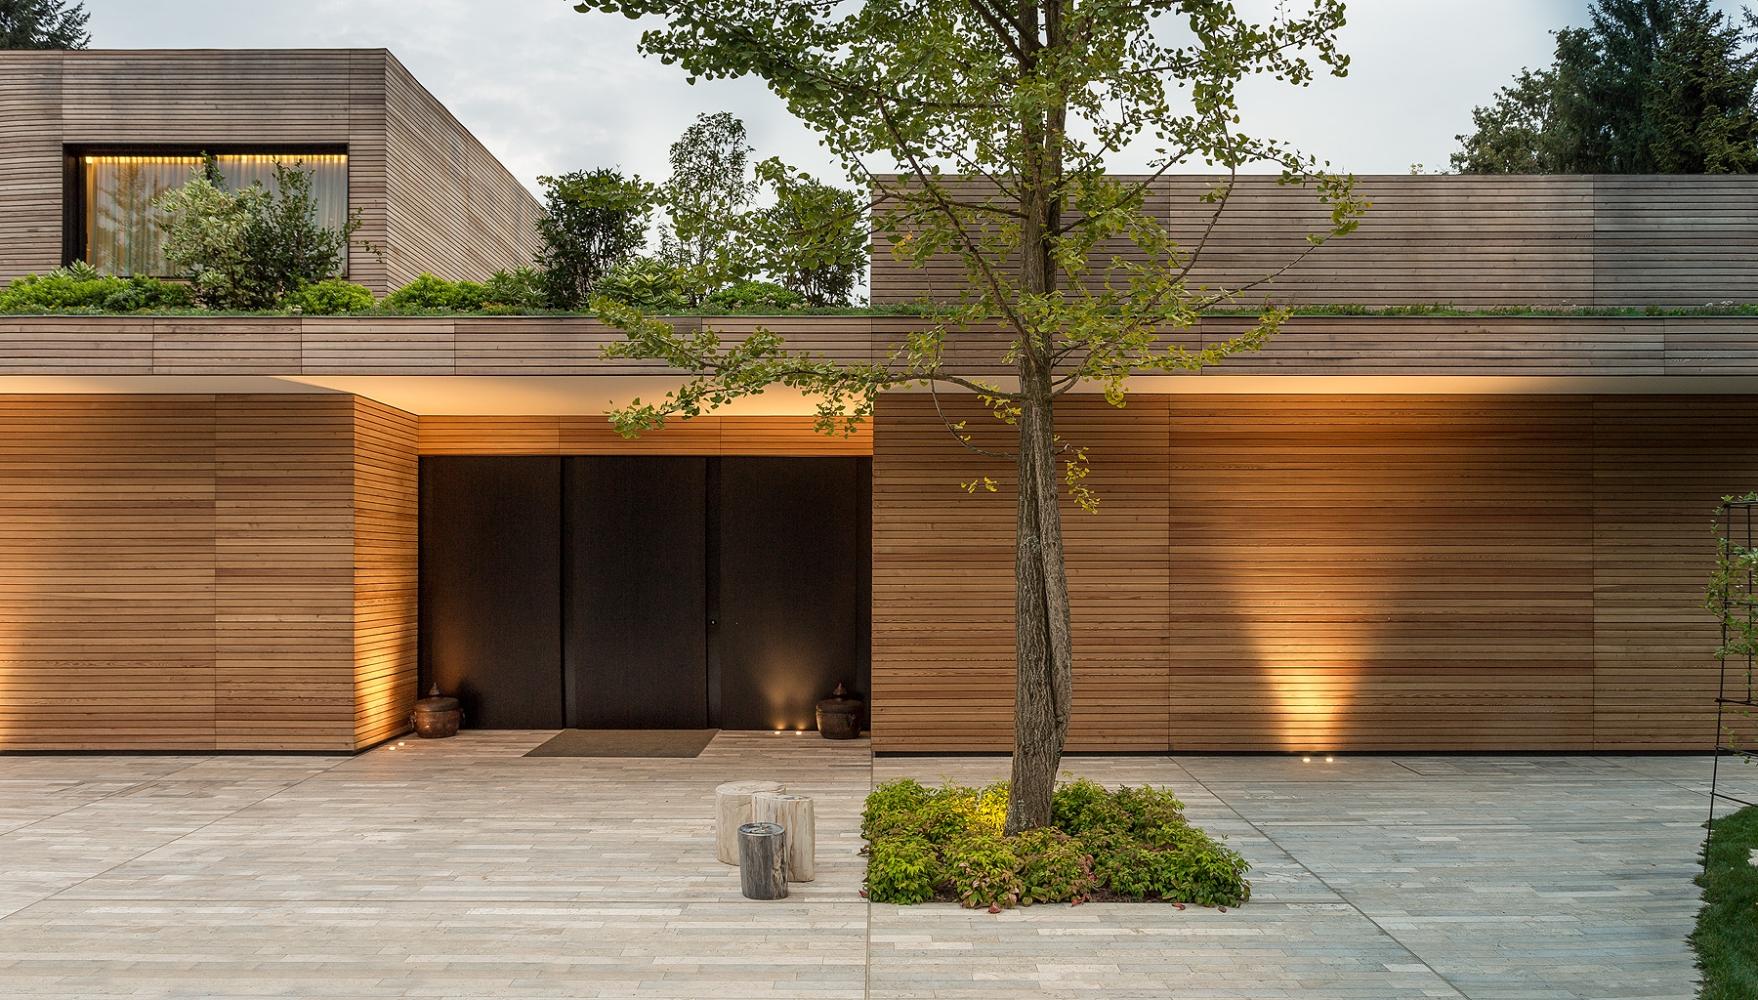 Villa prefabbricata interamente in legno monza brianza - Casa legno moderna ...